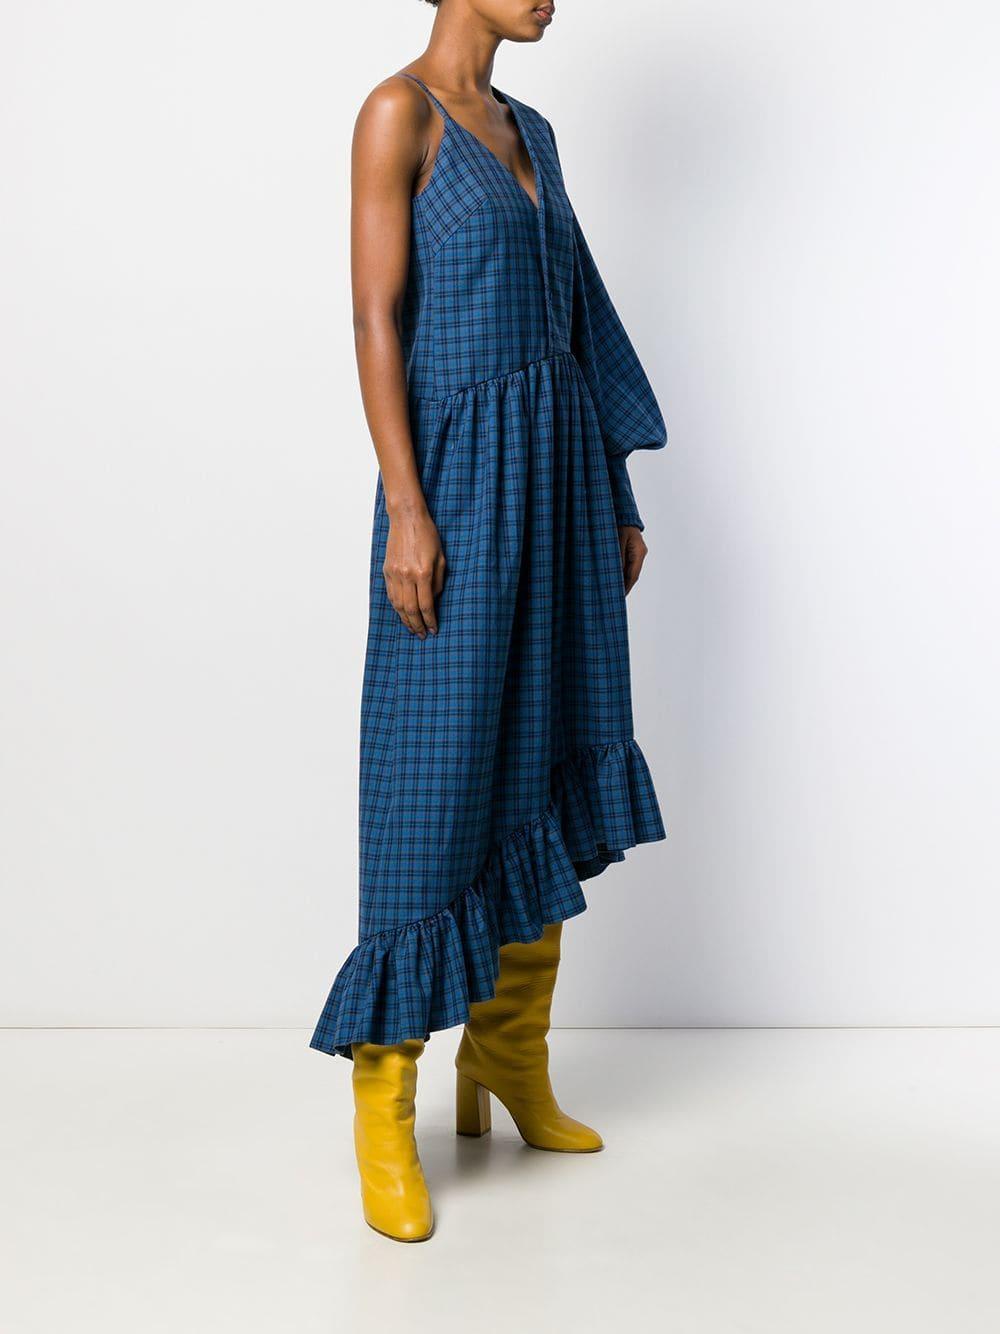 Vestido largo con motivo de cuadros ROKH de Tejido sintético de color Azul